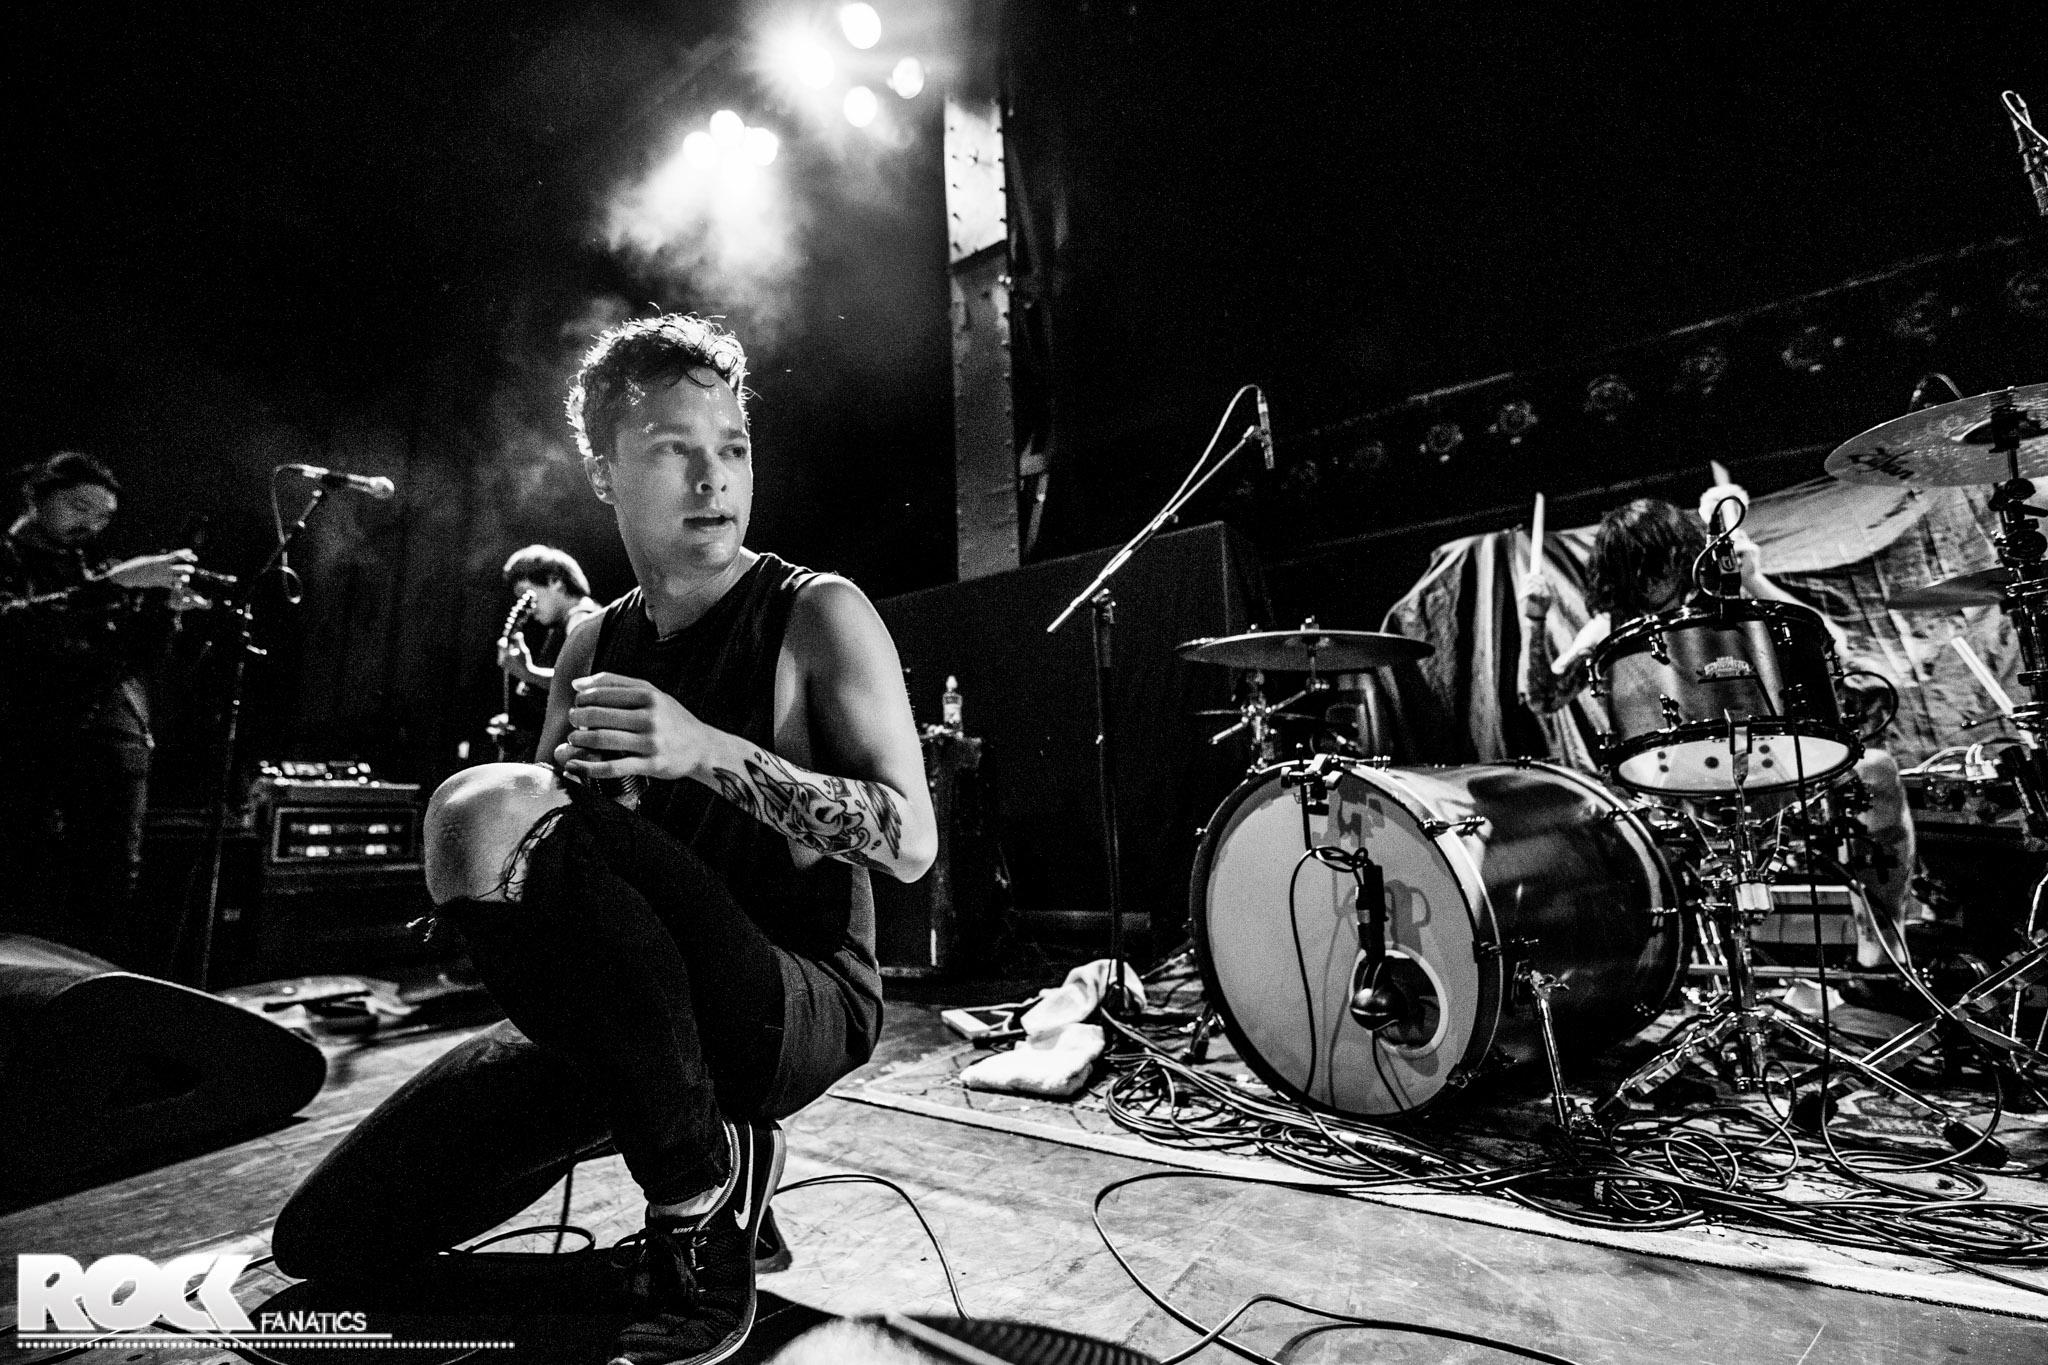 coldrain Foto: Steffie Wunderl